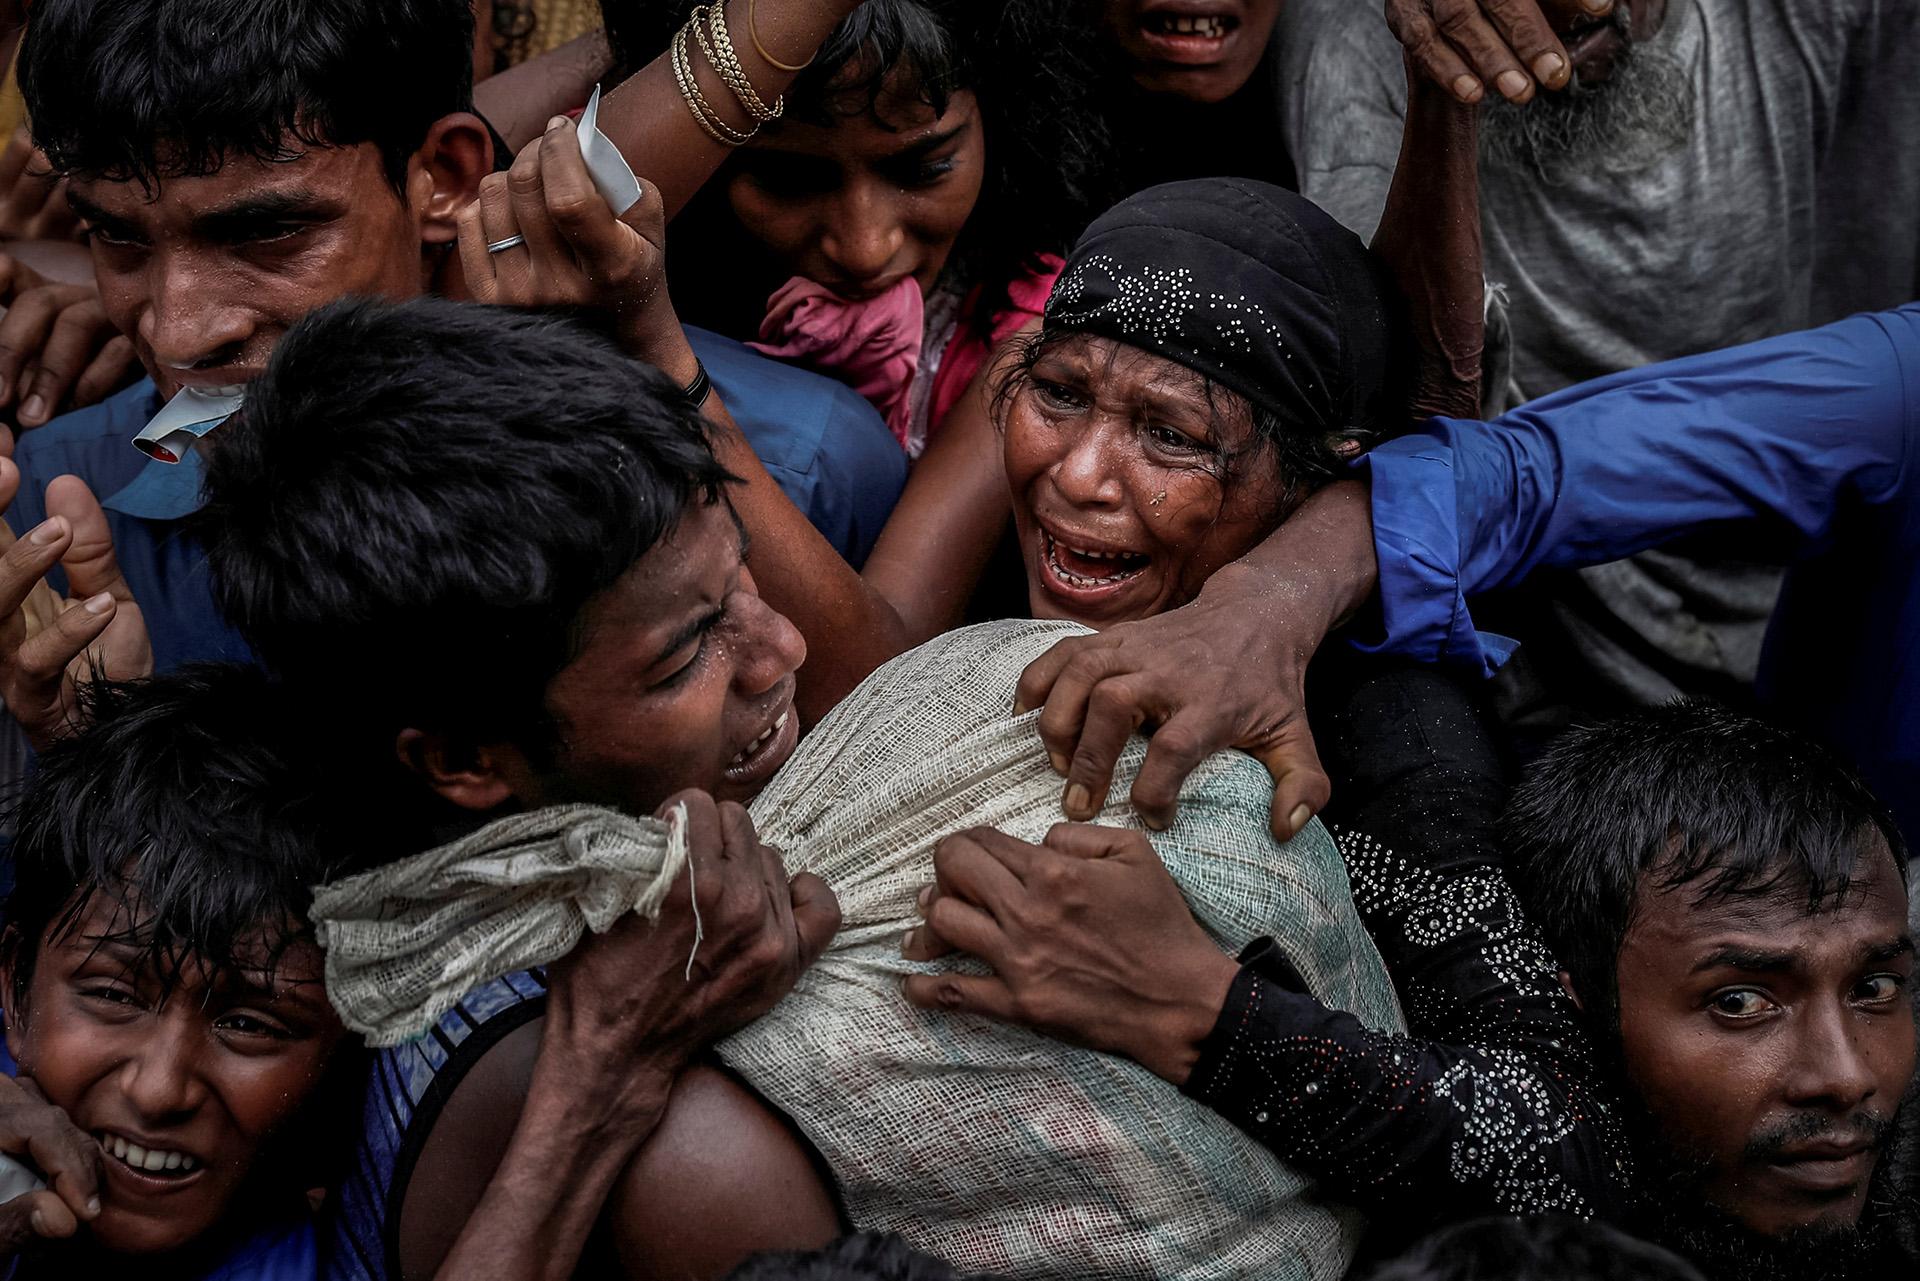 Los refugiados rohingya luchan por ayuda en un campamento en Cox's Bazar, Bangladesh 24 de septiembre de 2017. (Cathal McNaughton)